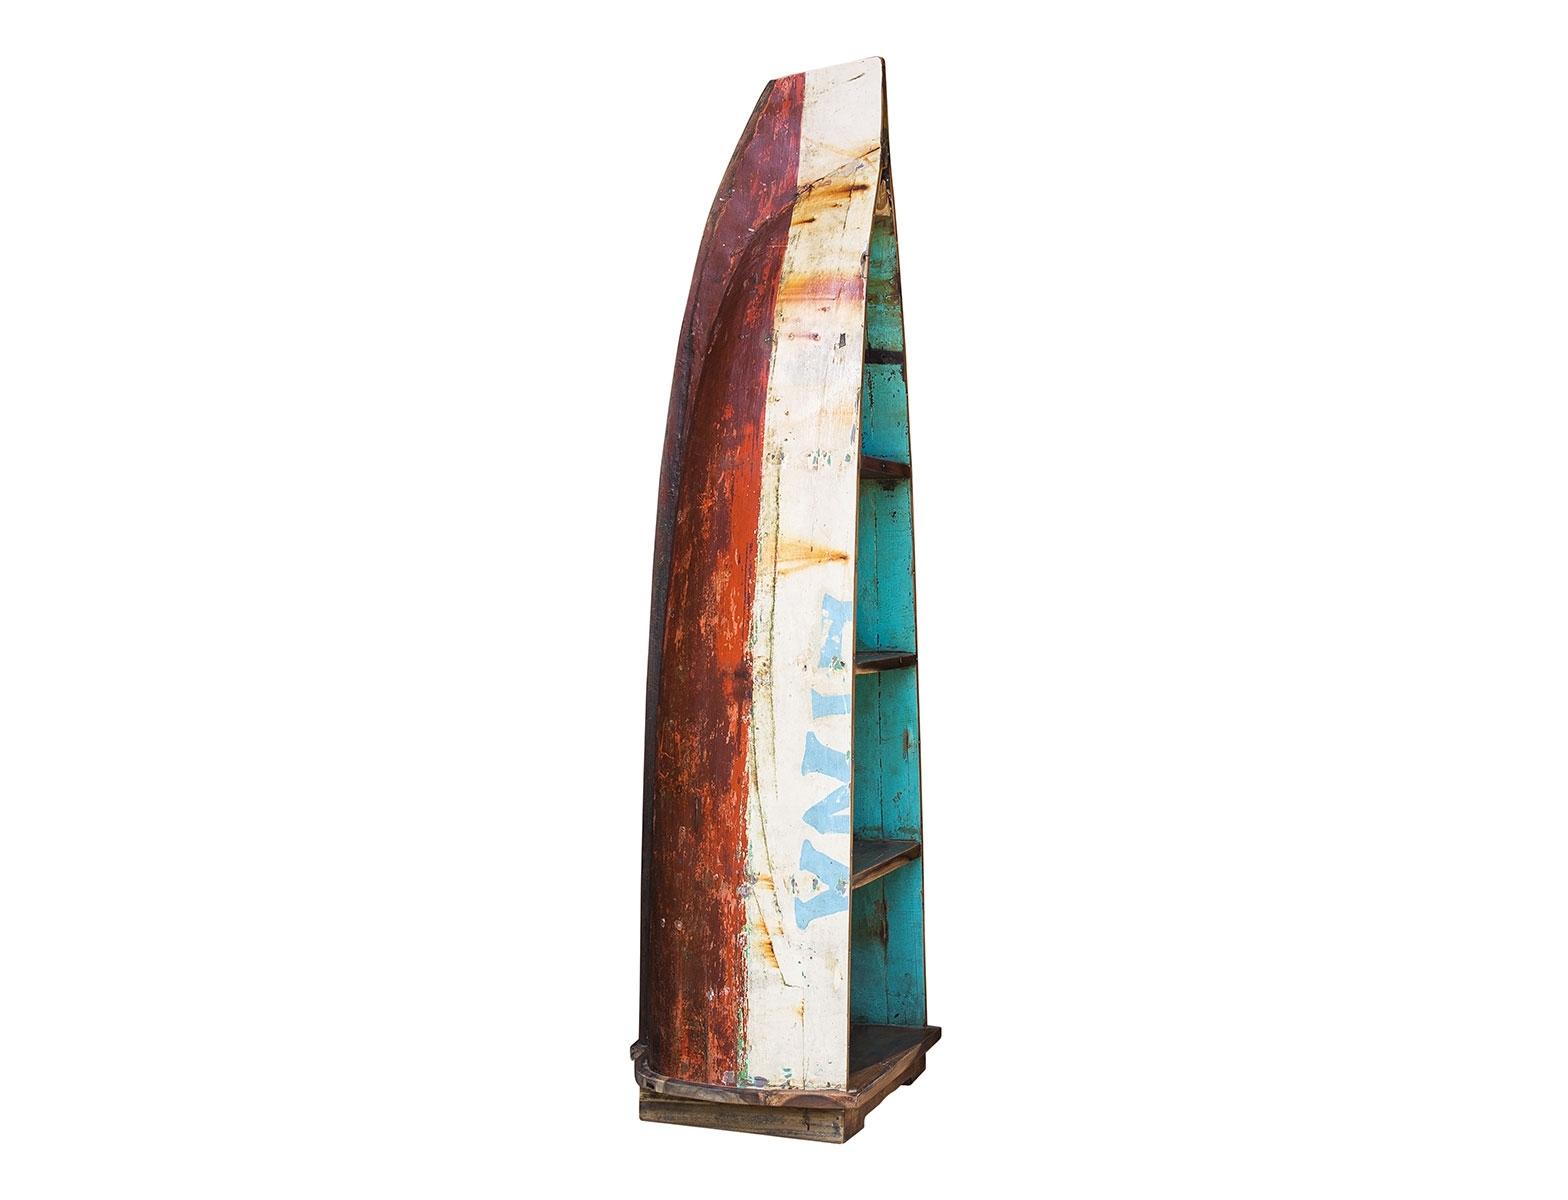 Лодка-стеллаж ГогенСтеллажи<br>Напольный стеллаж гигант, выполненный из старой рыбацкой лодки классической правильной формы с сохранением оригинальной многослойной окраски. Это увеличенная, более вместительная версия стандартного стеллажа из лодки.<br><br>Имеет 4 полки разной вместимости.<br>Подходит для использования как внутри помещения, так и снаружи.<br>Сборка не требуется.<br><br>Material: Тик<br>Width см: 80<br>Depth см: 63<br>Height см: 236